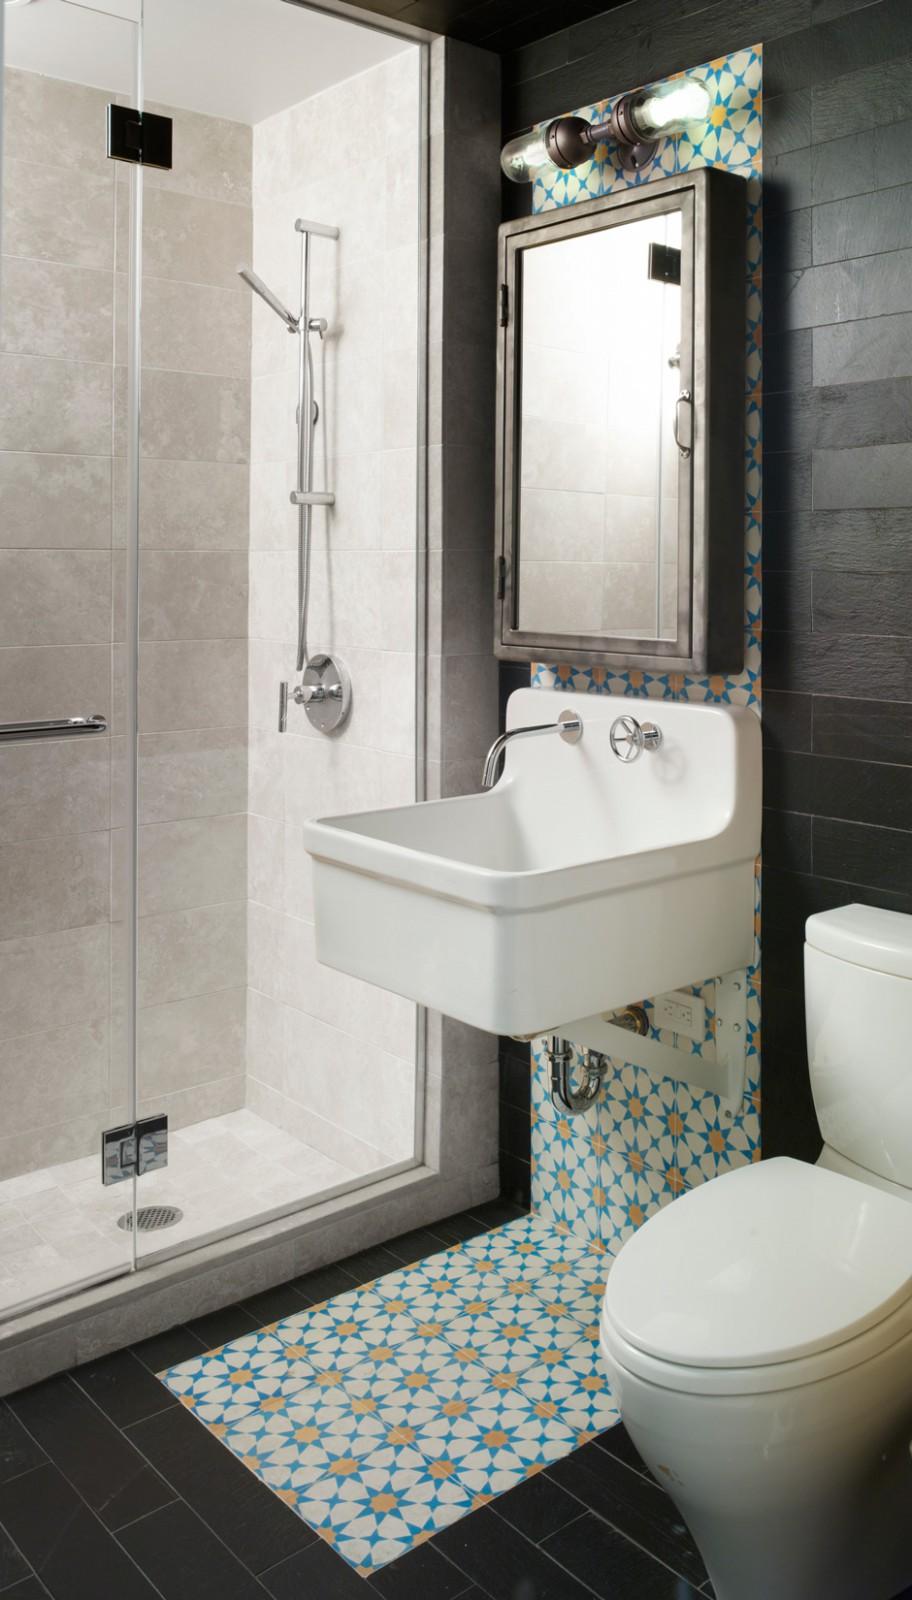 Bien choisir son équipement de salle de bain - Frenchy Fancy - Equipement Salle De Bain